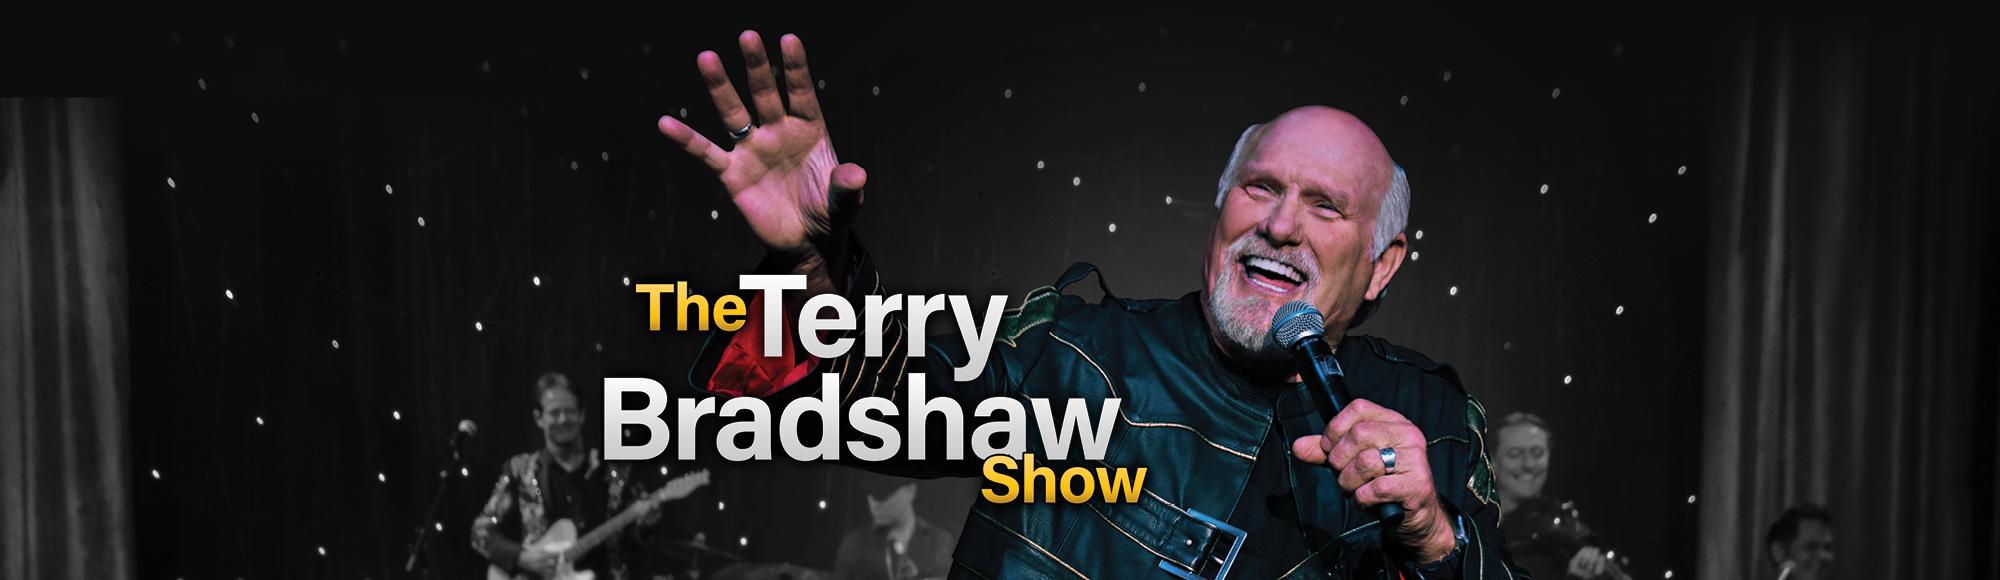 Terry Bradshaw show